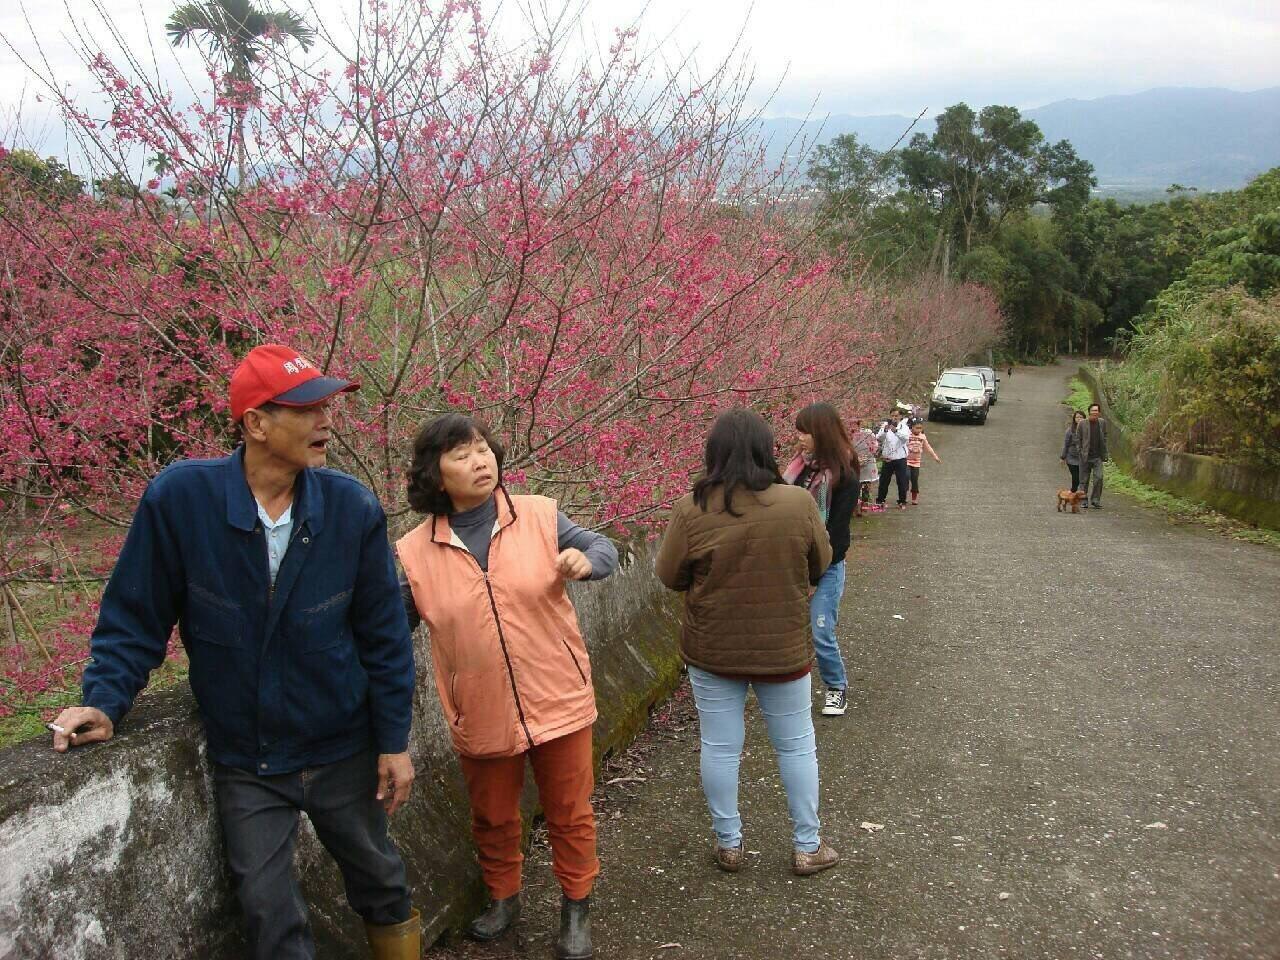 花蓮壽豐樹湖社區開滿櫻花,吸引遊客拍照留念。圖/樹湖愛鄉協進會提供